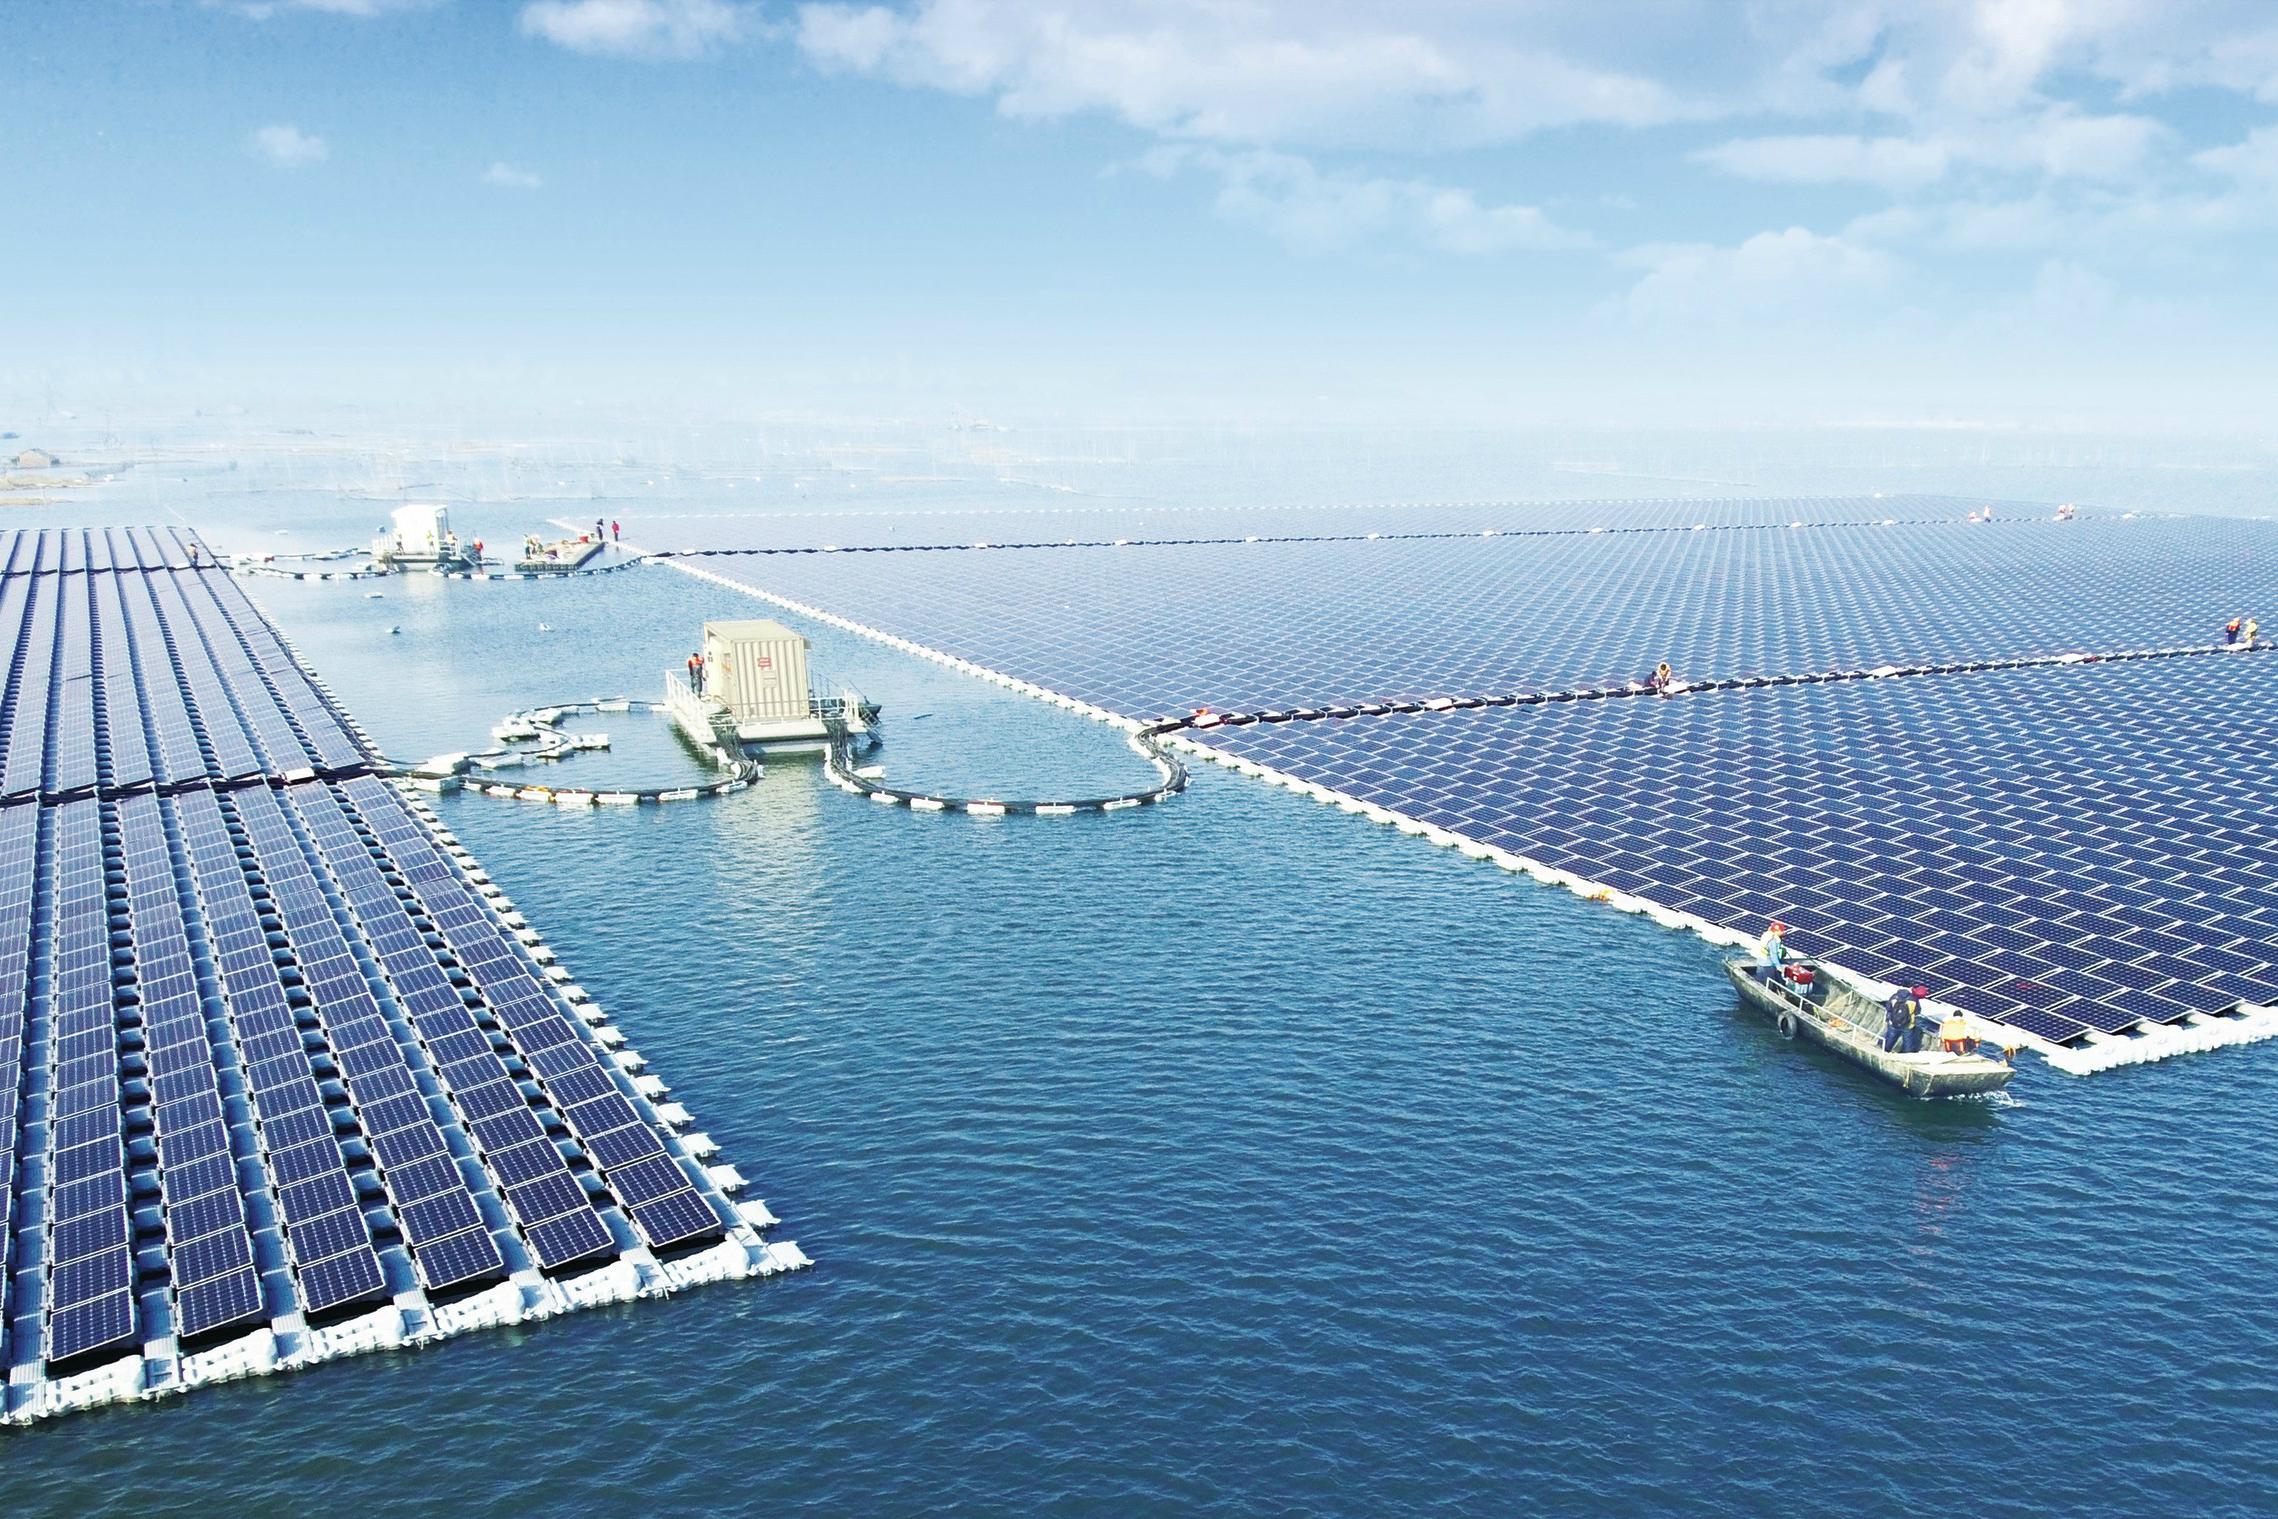 Самая большая в мире солнечная электростанция на воде